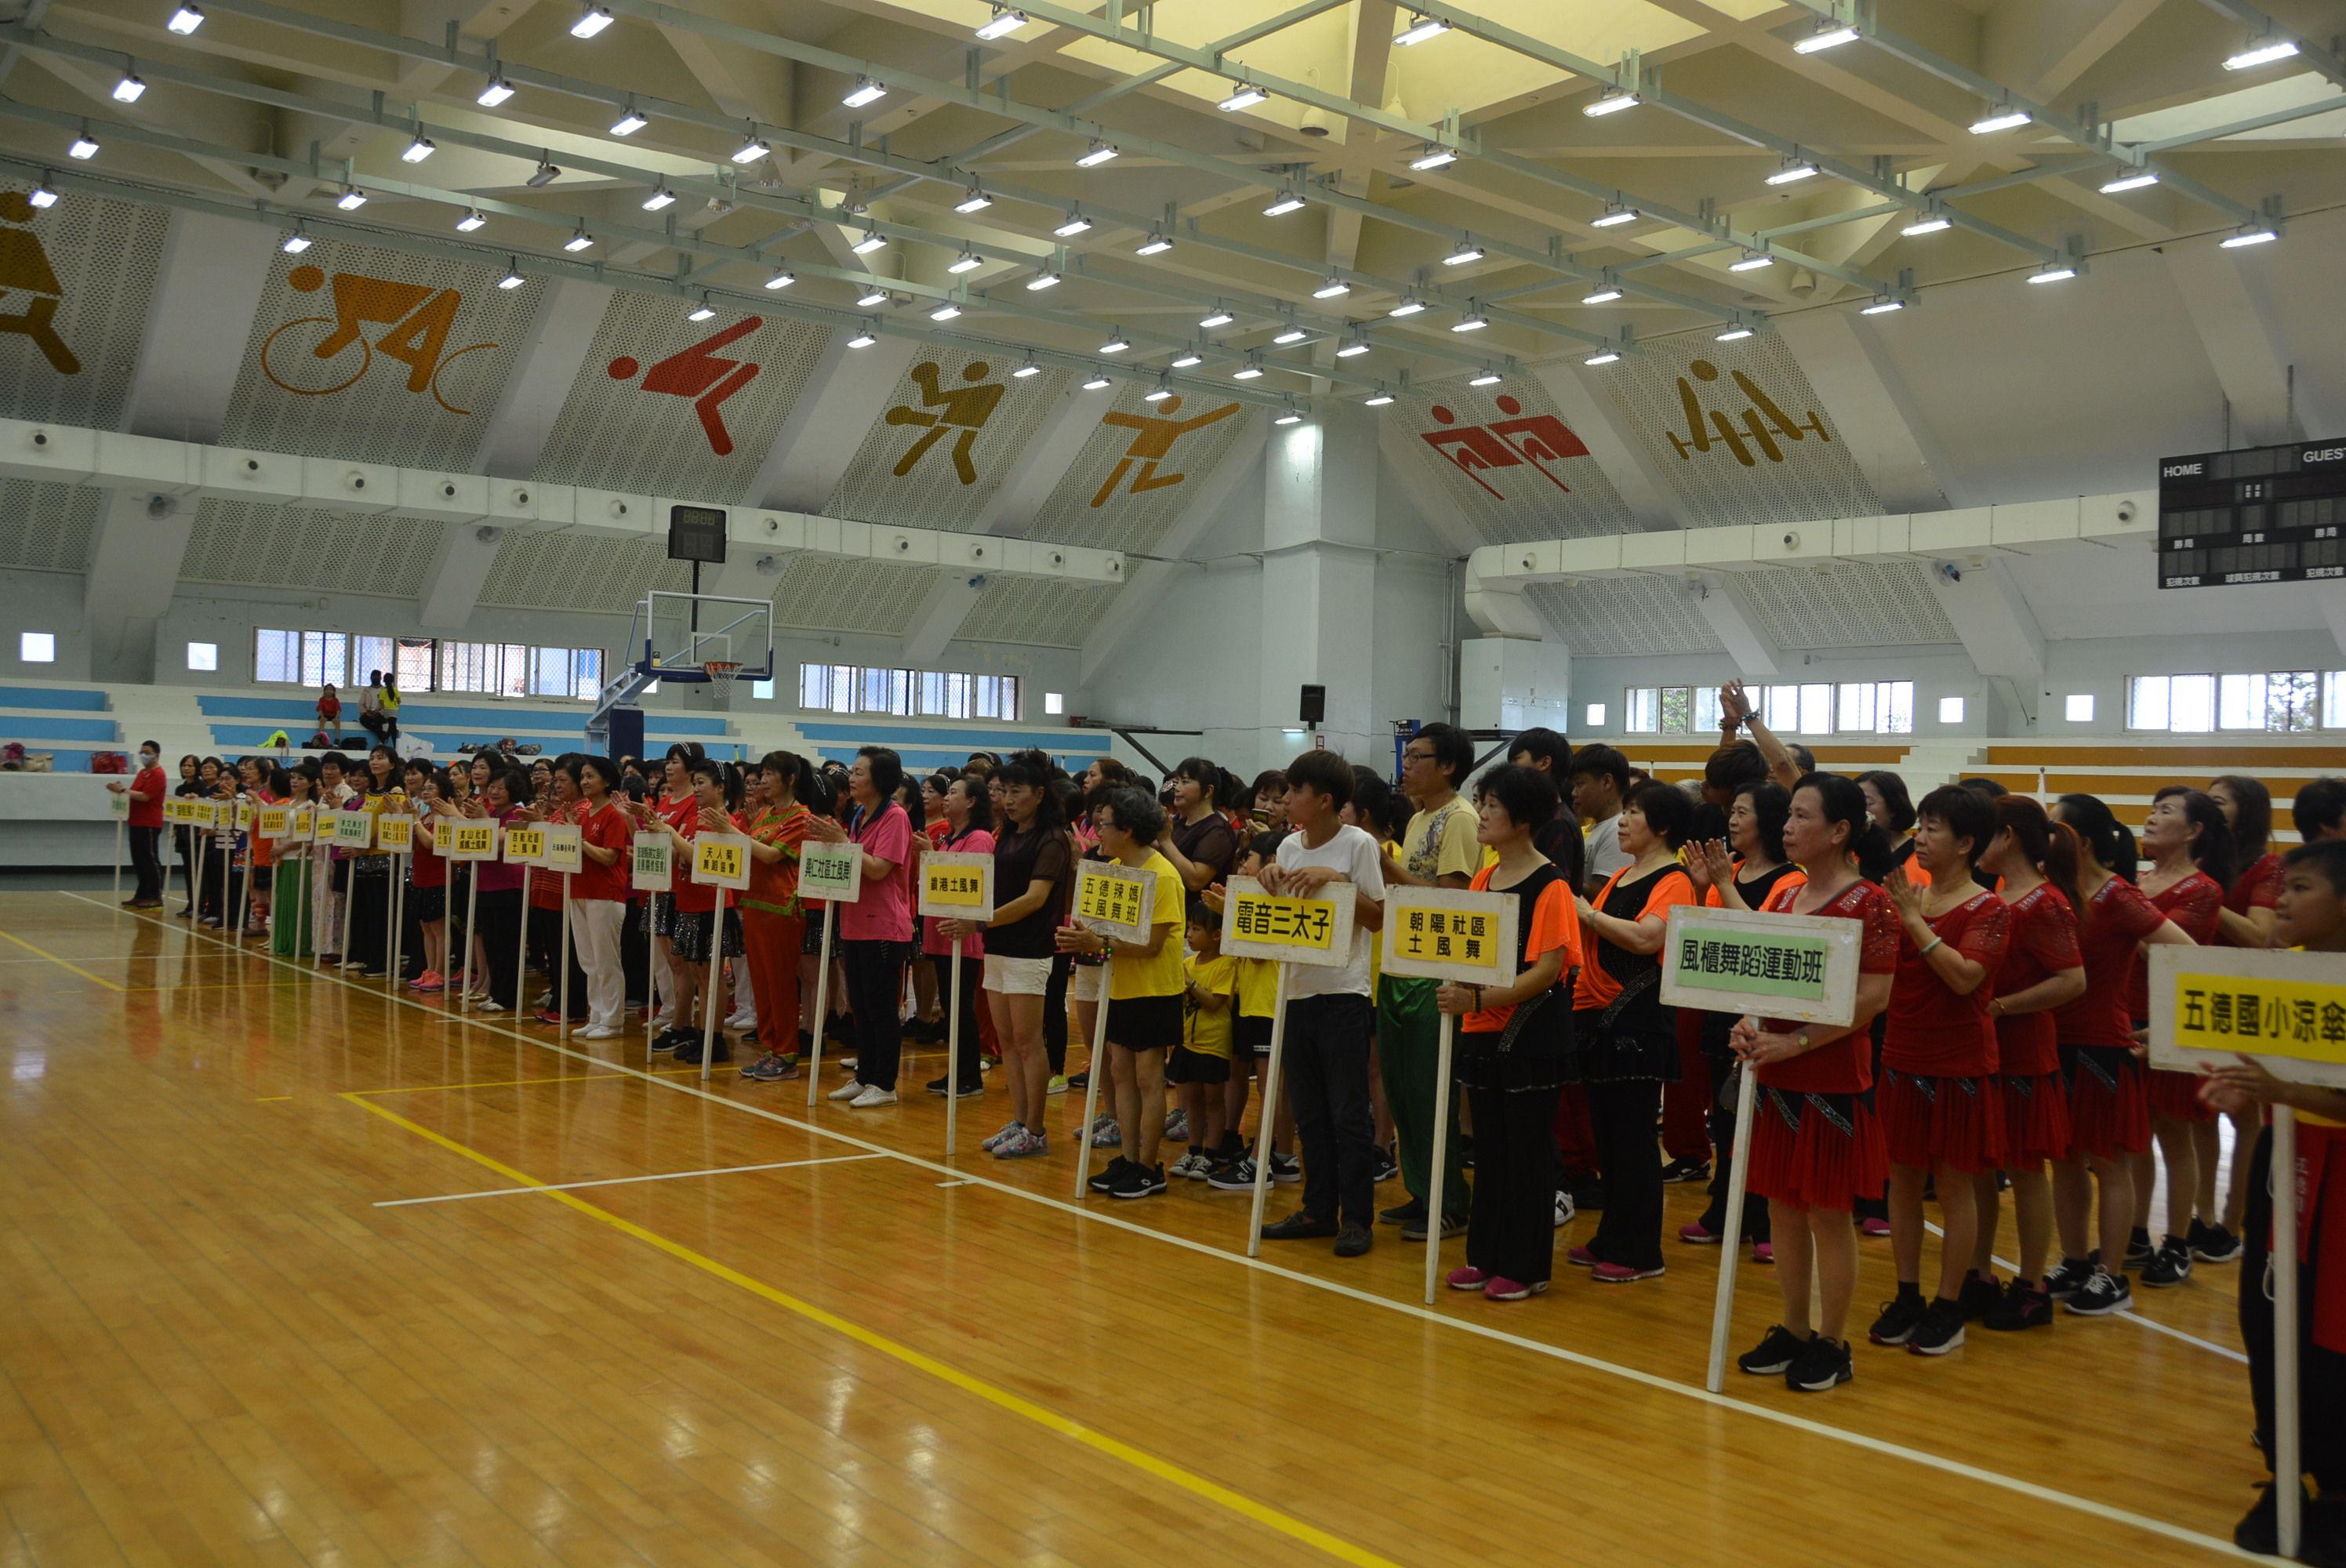 舞蹈運動嘉年華,計26隊、近400位舞者共襄盛舉